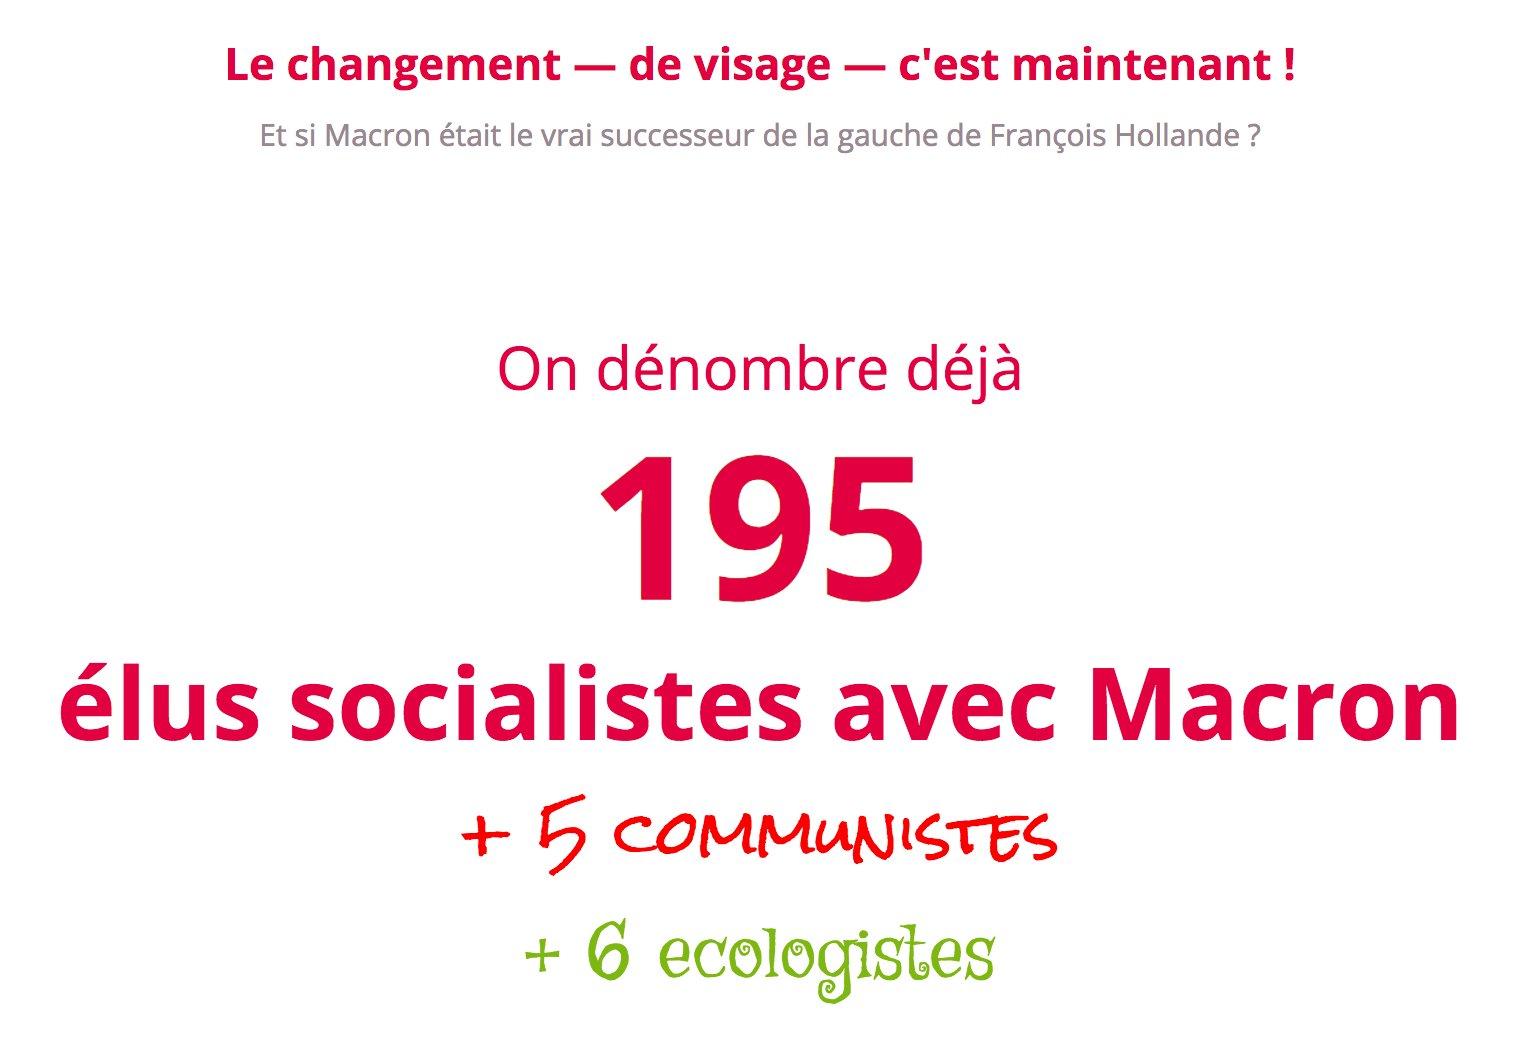 Le bilan à la moitié du week-end : près de 200 socialistes, 5 communistes et 6 écologistes avec @EmmanuelMacron. https://t.co/0A0DAtKvwg